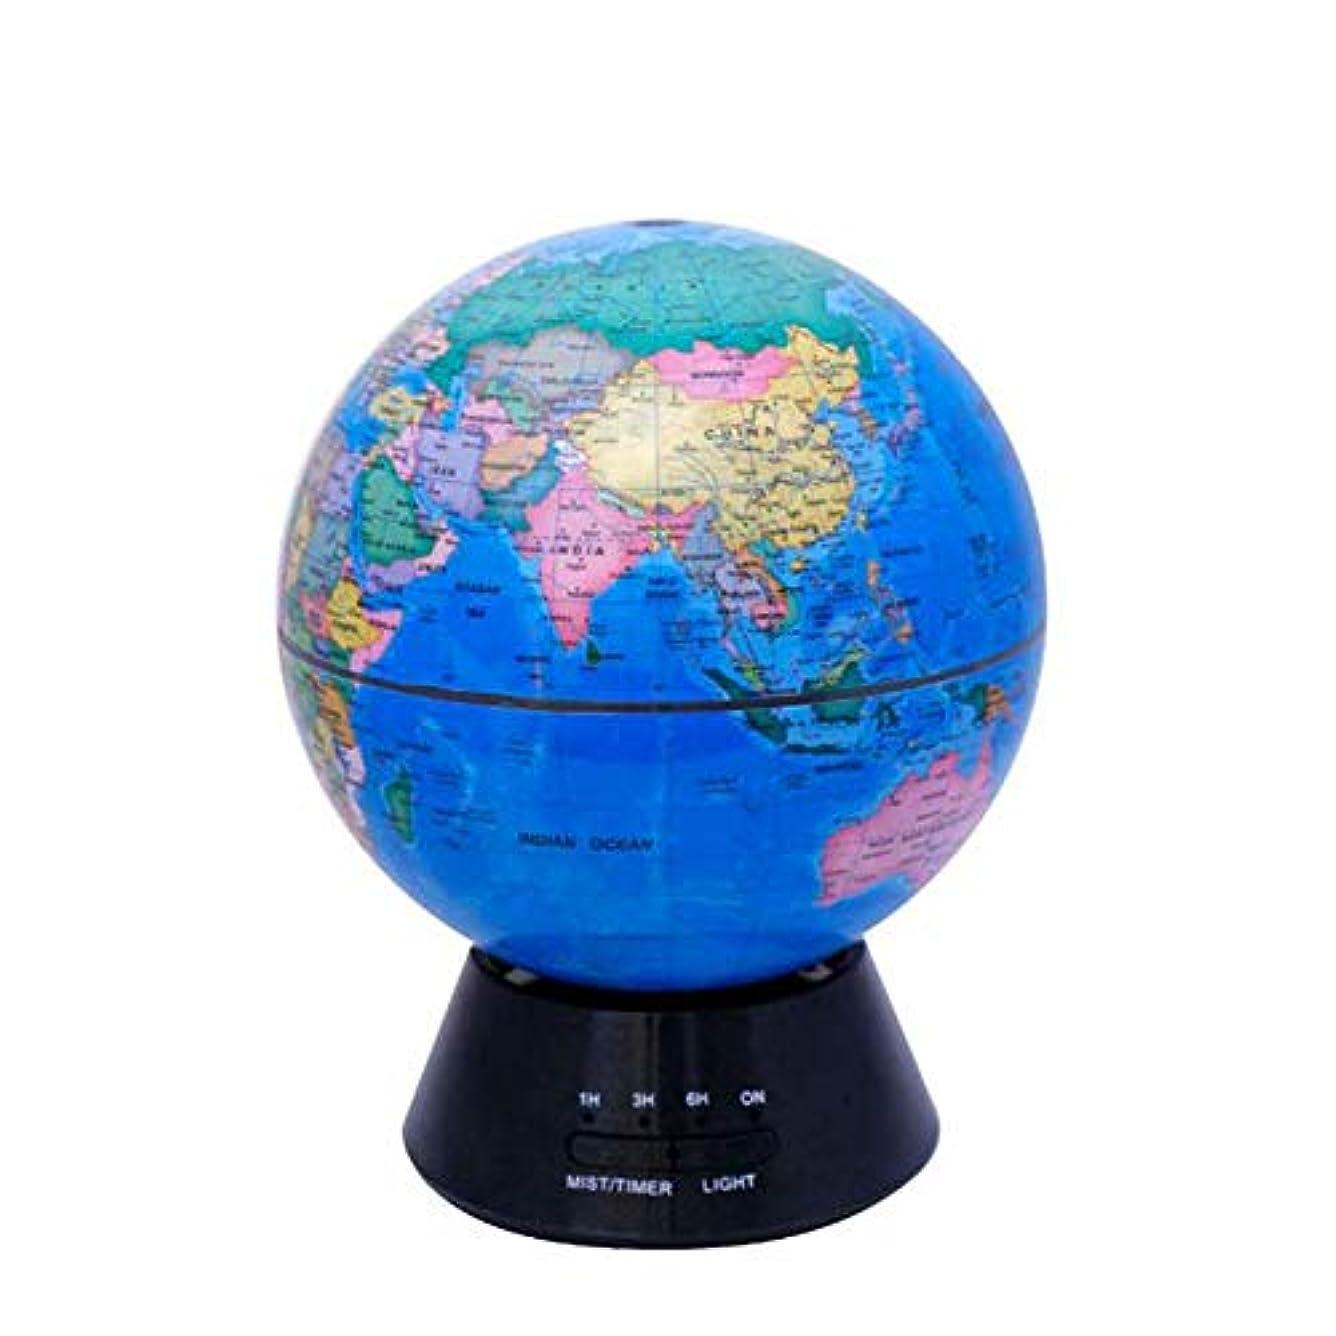 ブラシクライマックス硬いエッセンシャルオイルディフューザー、グローブアロマ機加湿器カラフルな雰囲気ランプ卓上超音波ディフューザー300ML